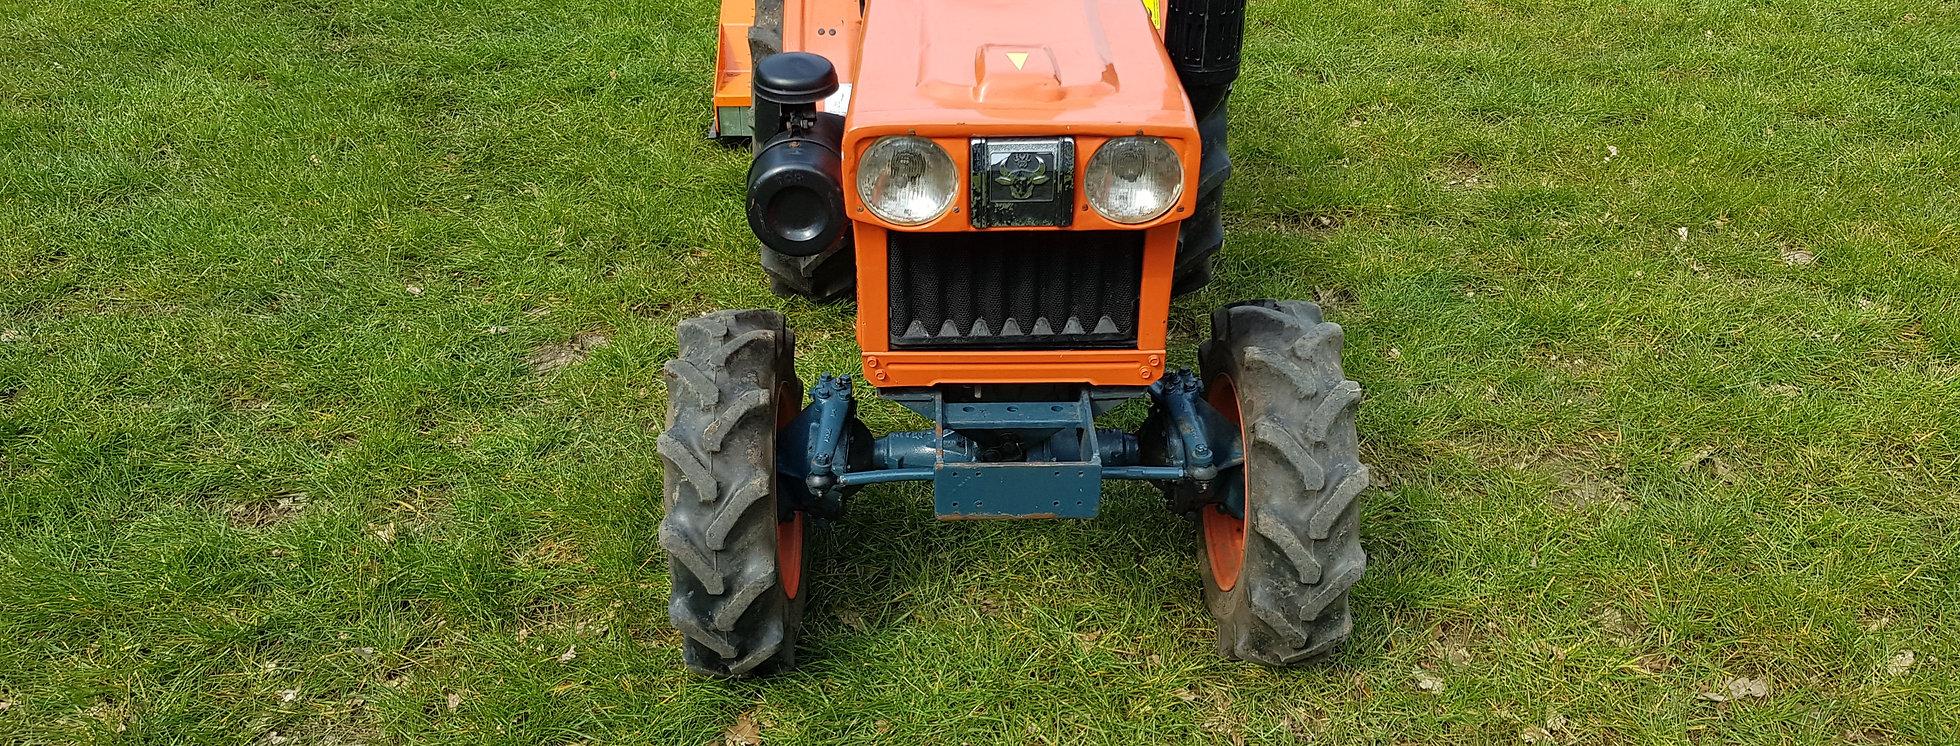 7100D Kubota Compact Tractors + 1 15M Flail Mower